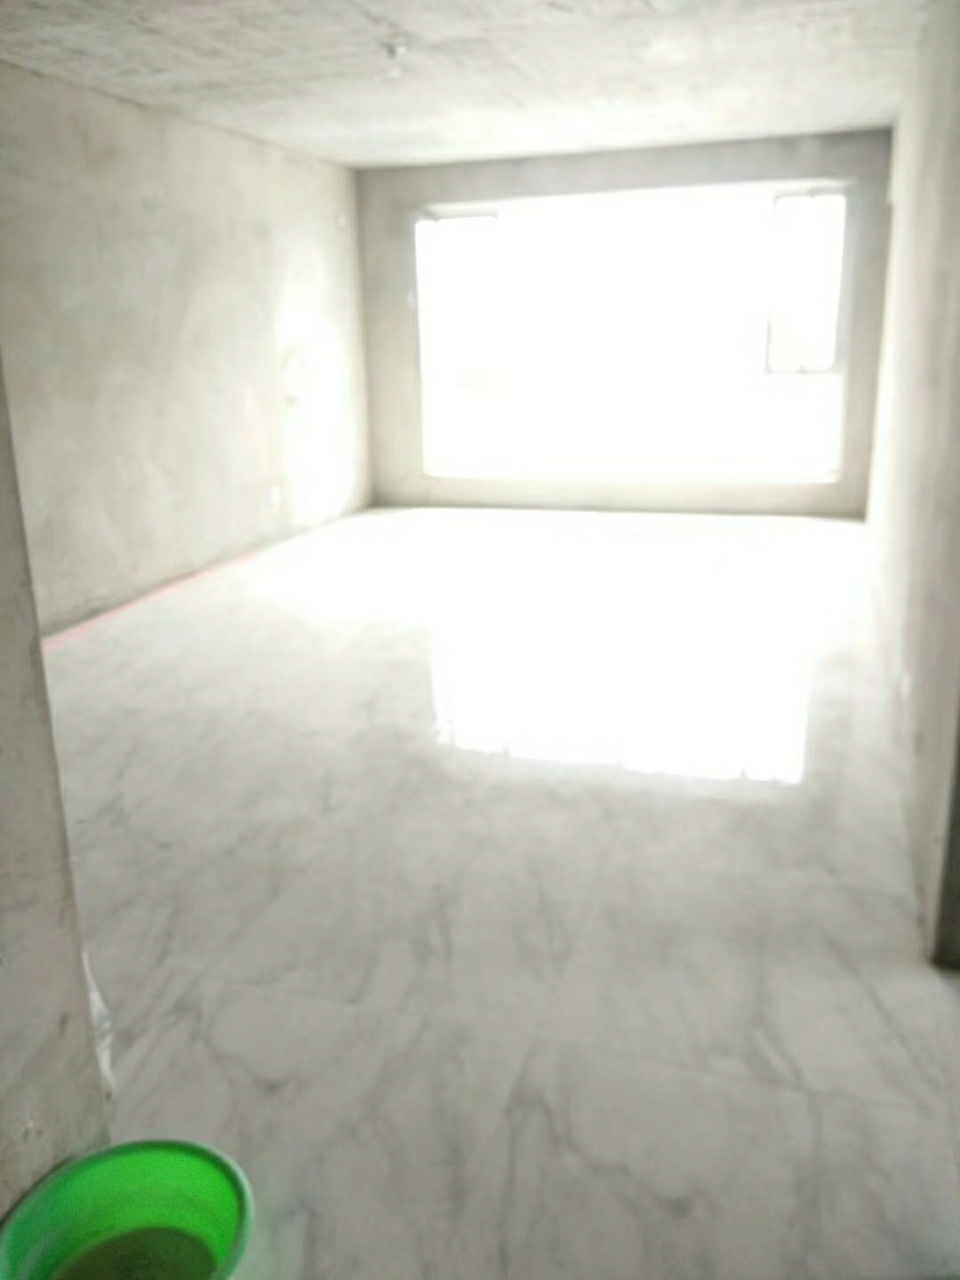 弘胜家园3室 2厅 1卫57万元